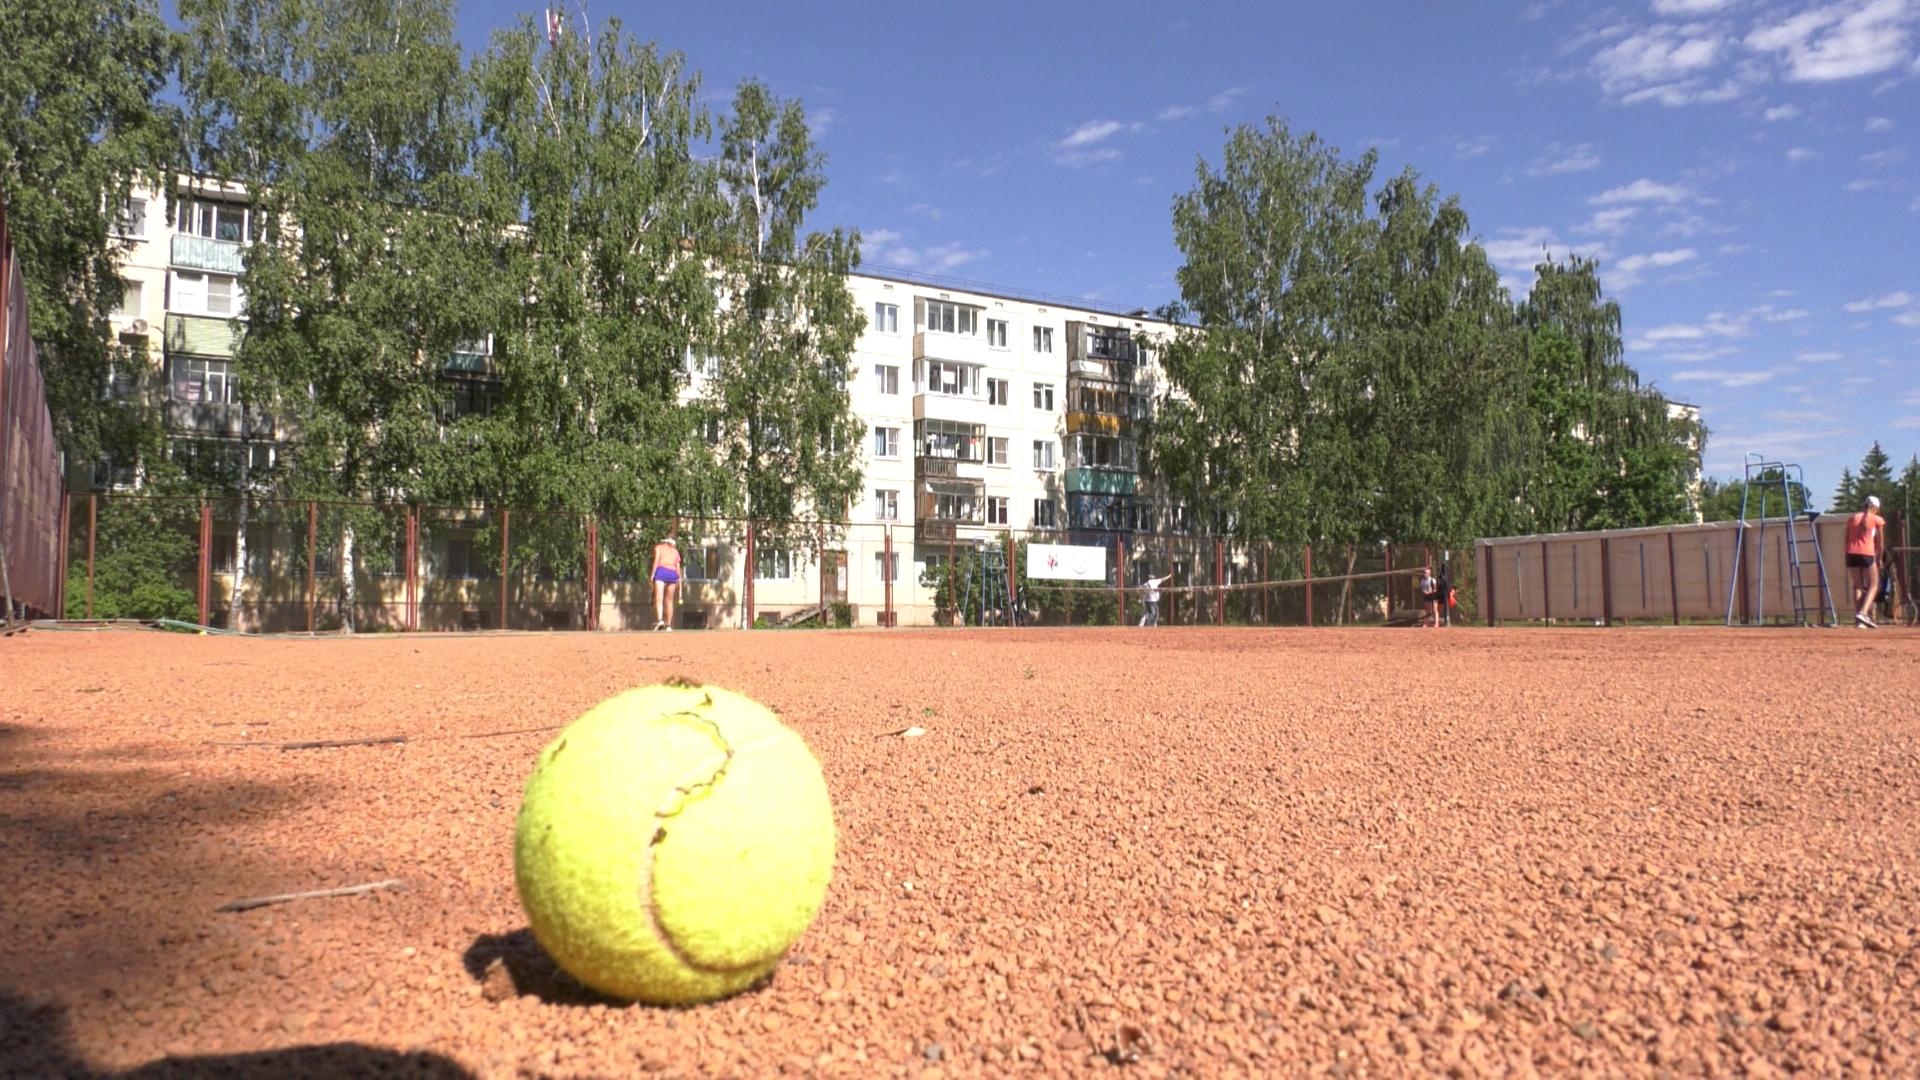 tennis - Открытое первенство области по теннису проходит в Витебске (видео)